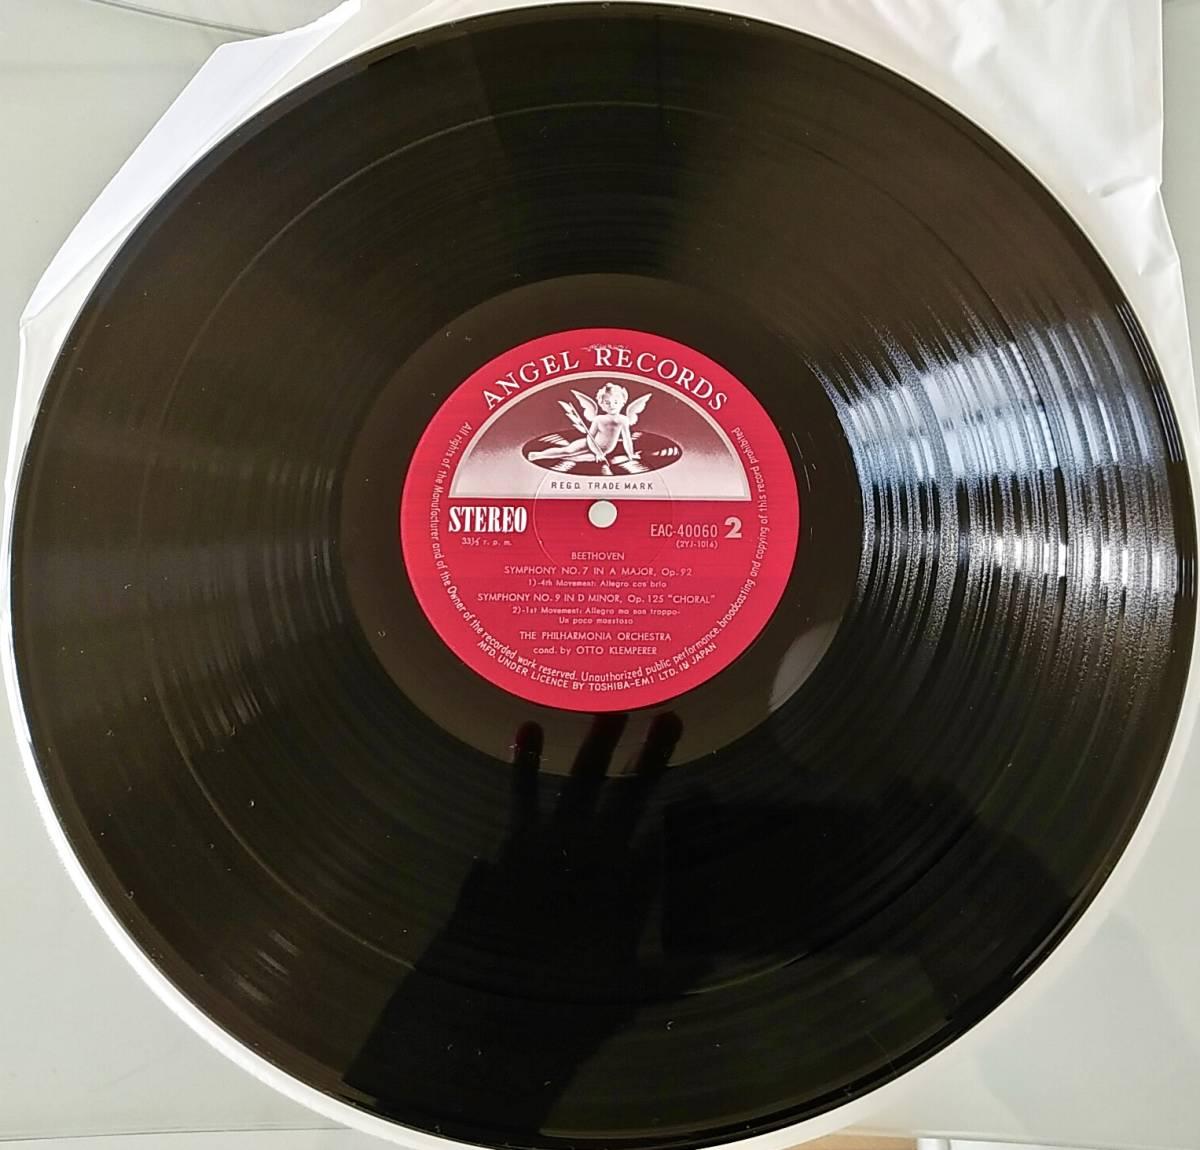 【2枚組】ベートーヴェン/交響曲第7番イ長調、第9番ニ短調「合唱付」 オットー・クレンペラー指揮 フィルハーモニア管弦楽団及び合唱団_画像6